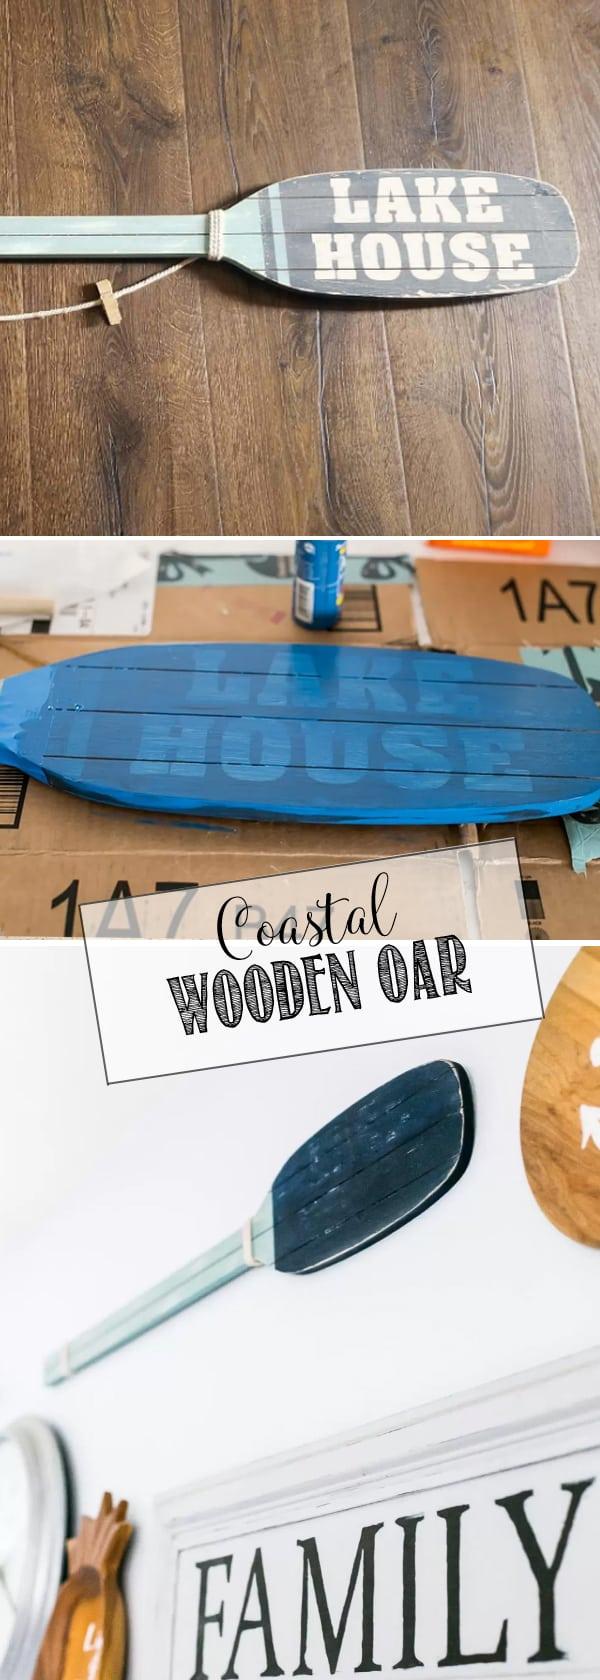 DIY Coastal Wooden Oar from a thrift store Lake House oar.